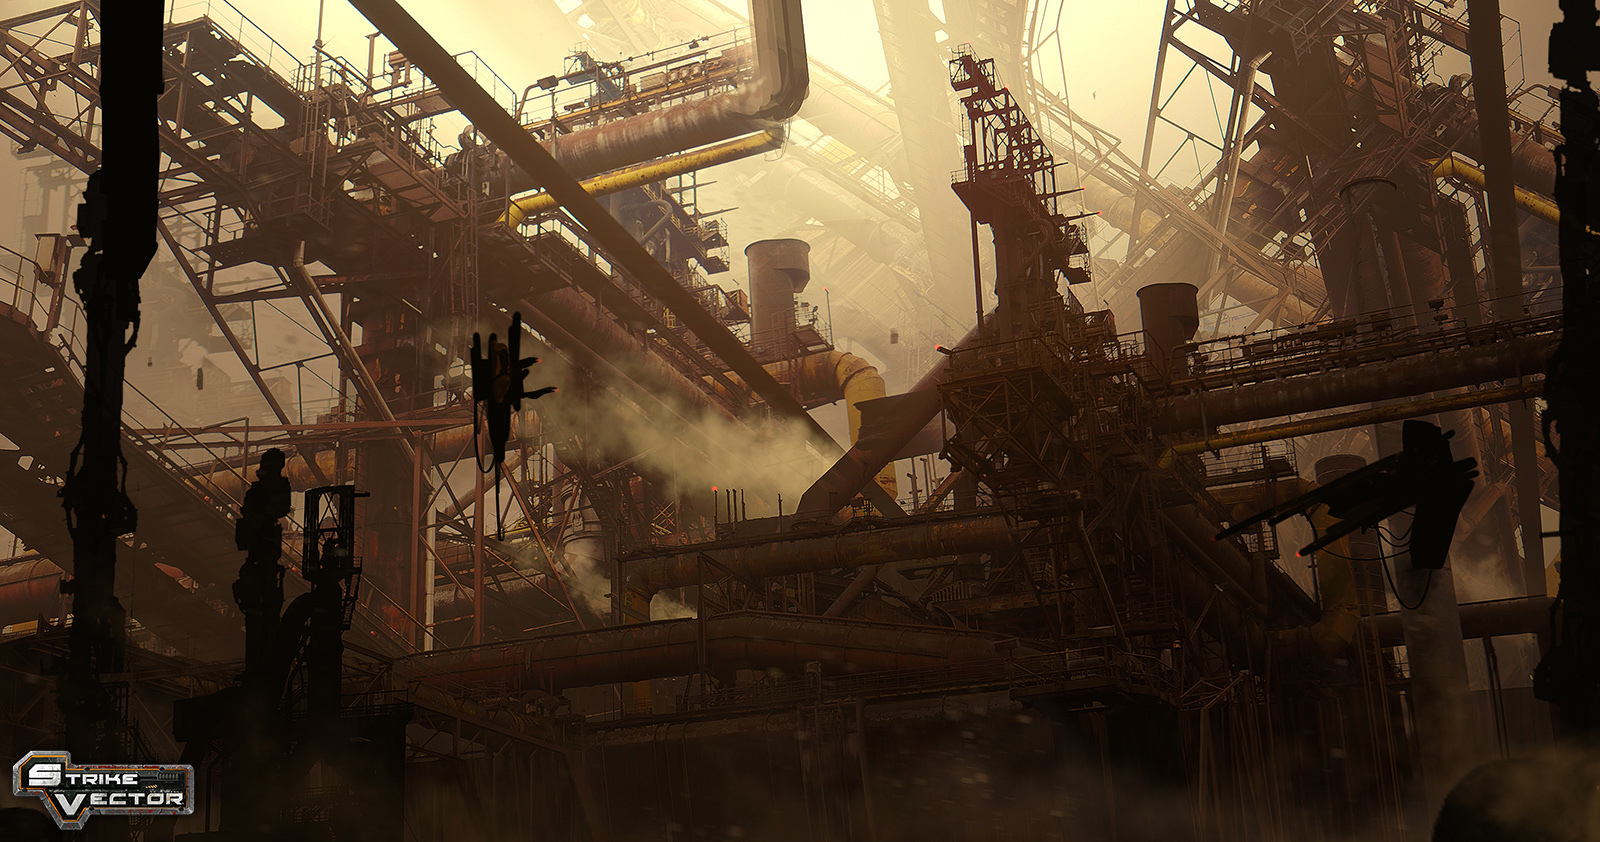 Les super-structures du concept artist Paul Chadeisson